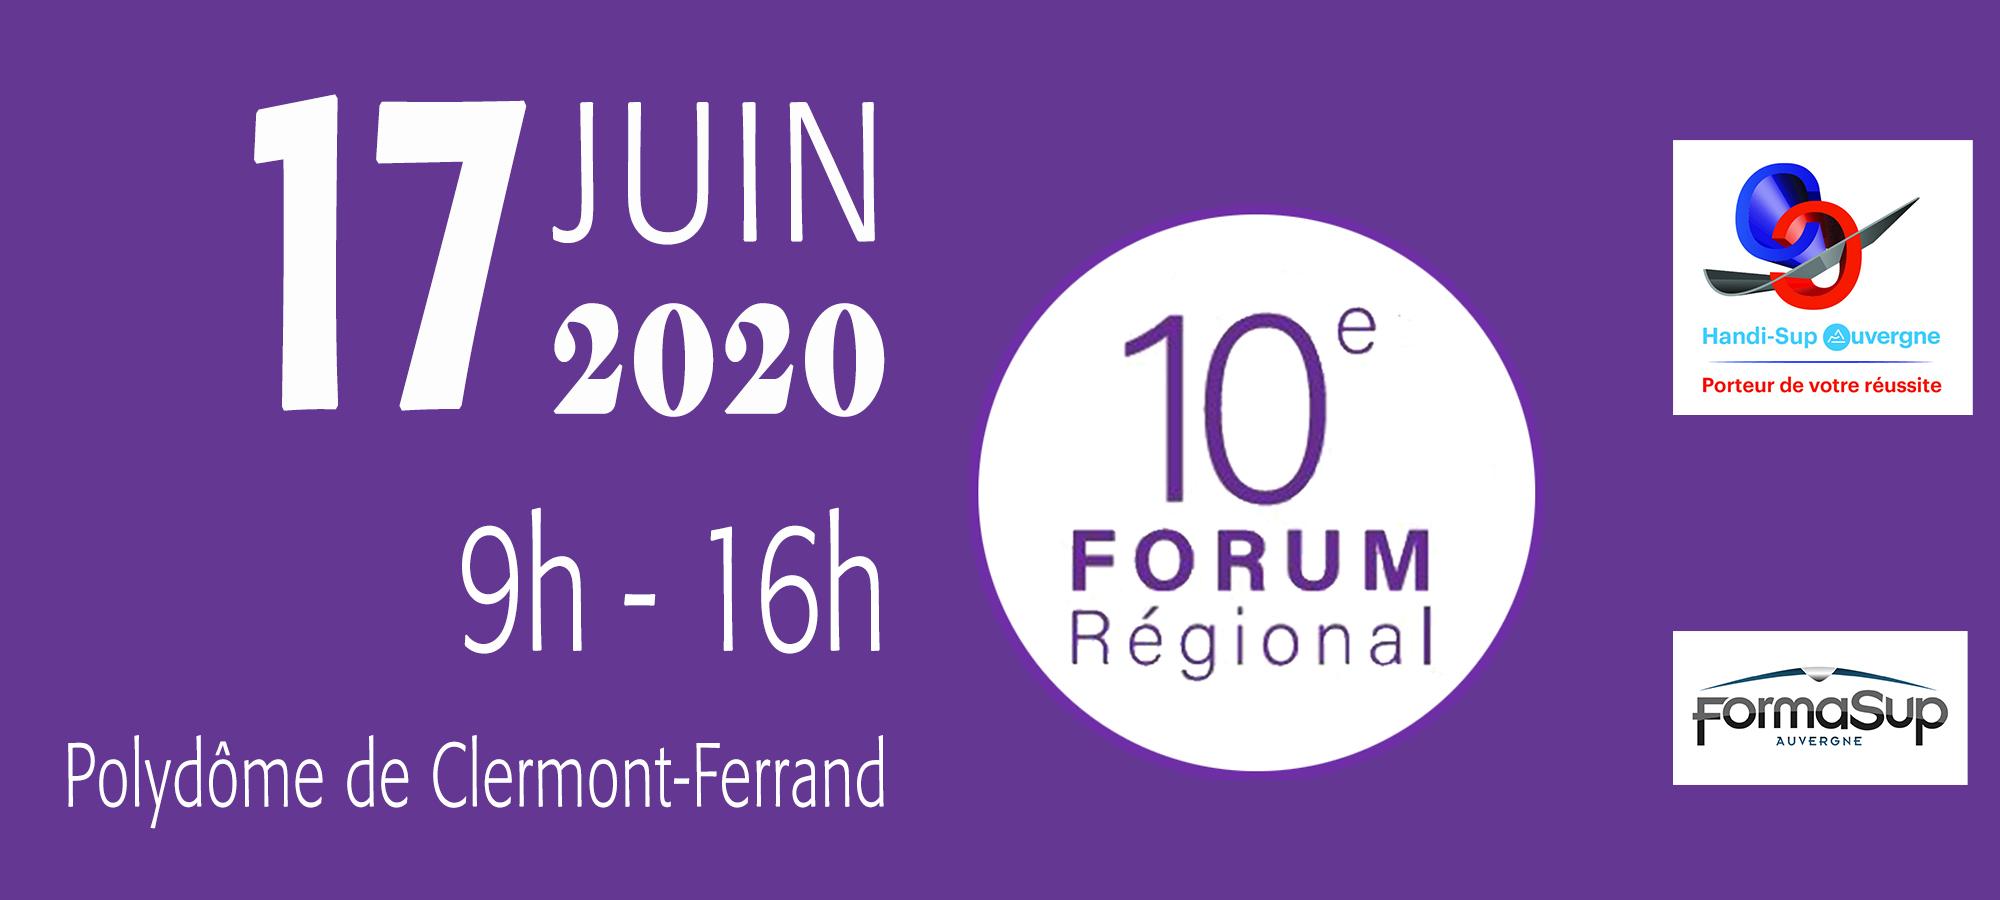 forum handicap emploi juin 2020